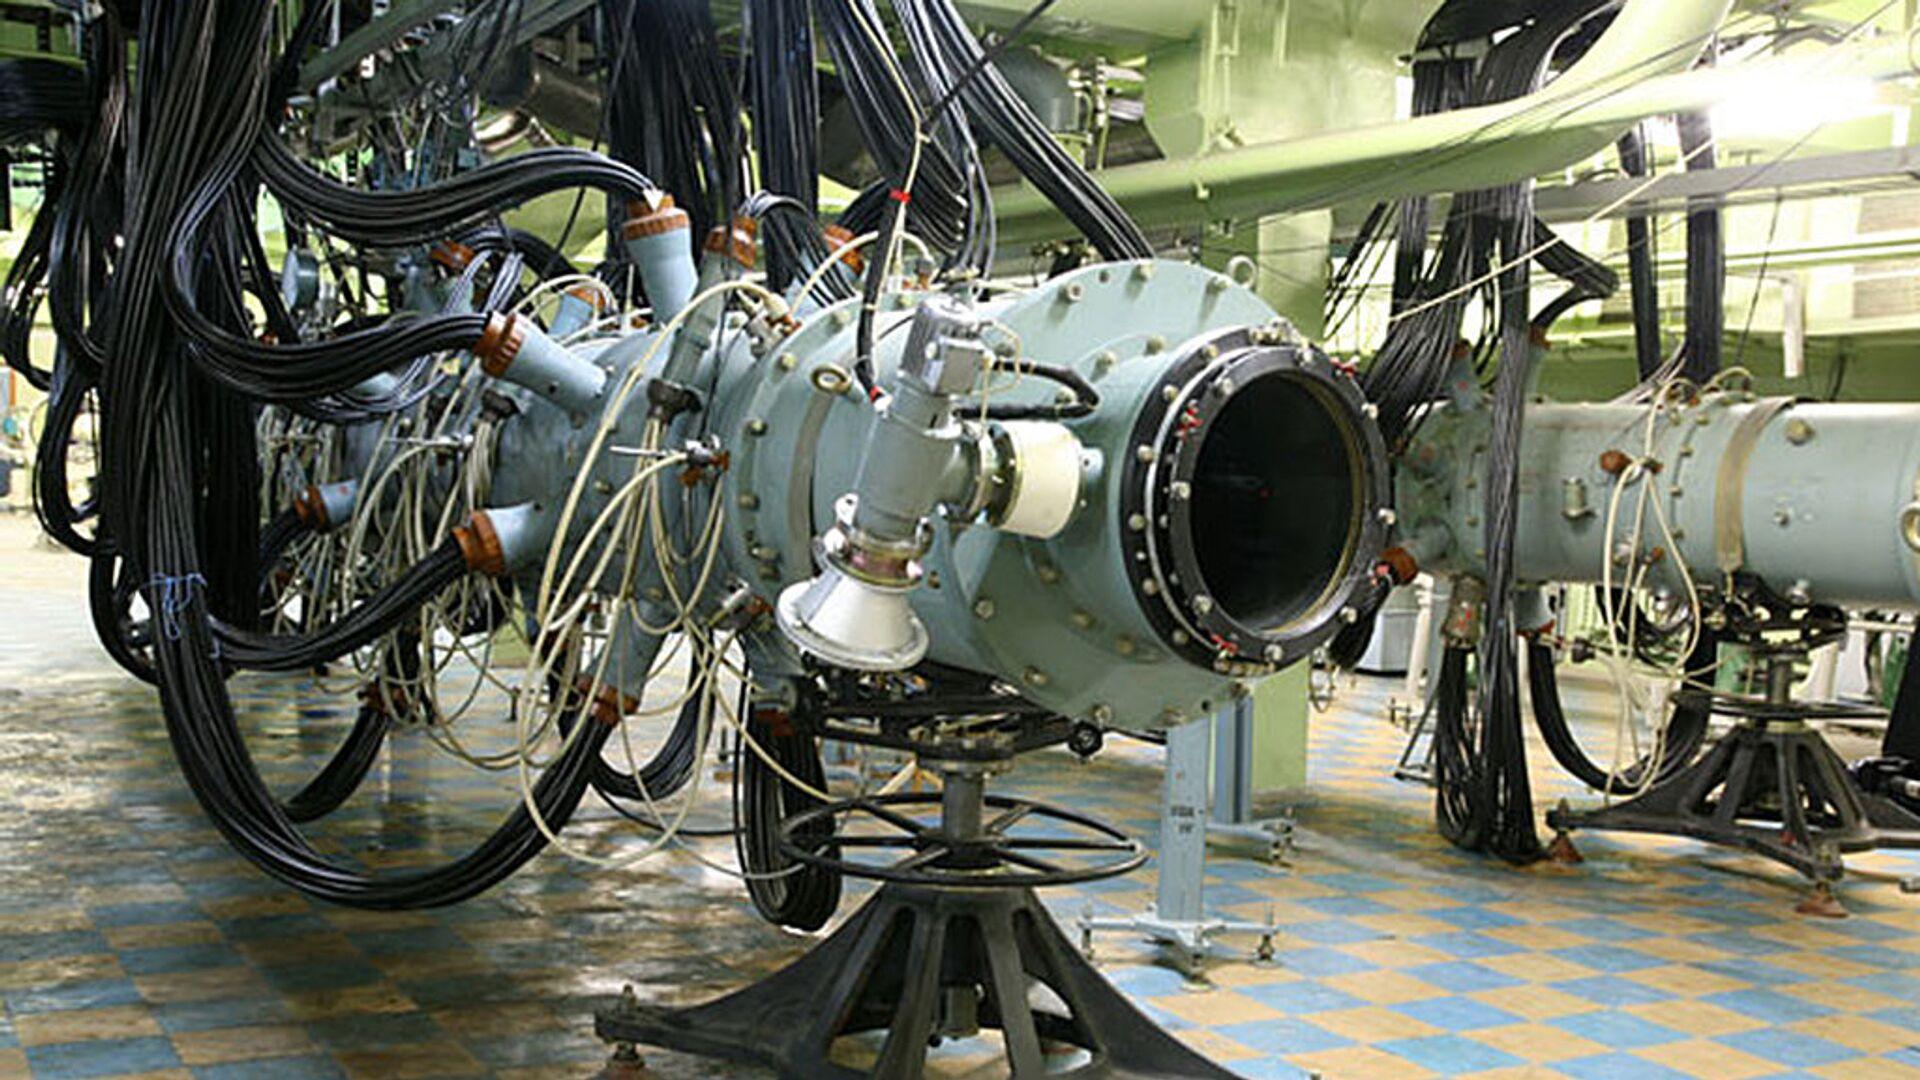 Лазерная установка во Всероссийском научно-исследовательском институте экспериментальной физики в Сарове - РИА Новости, 1920, 08.12.2020